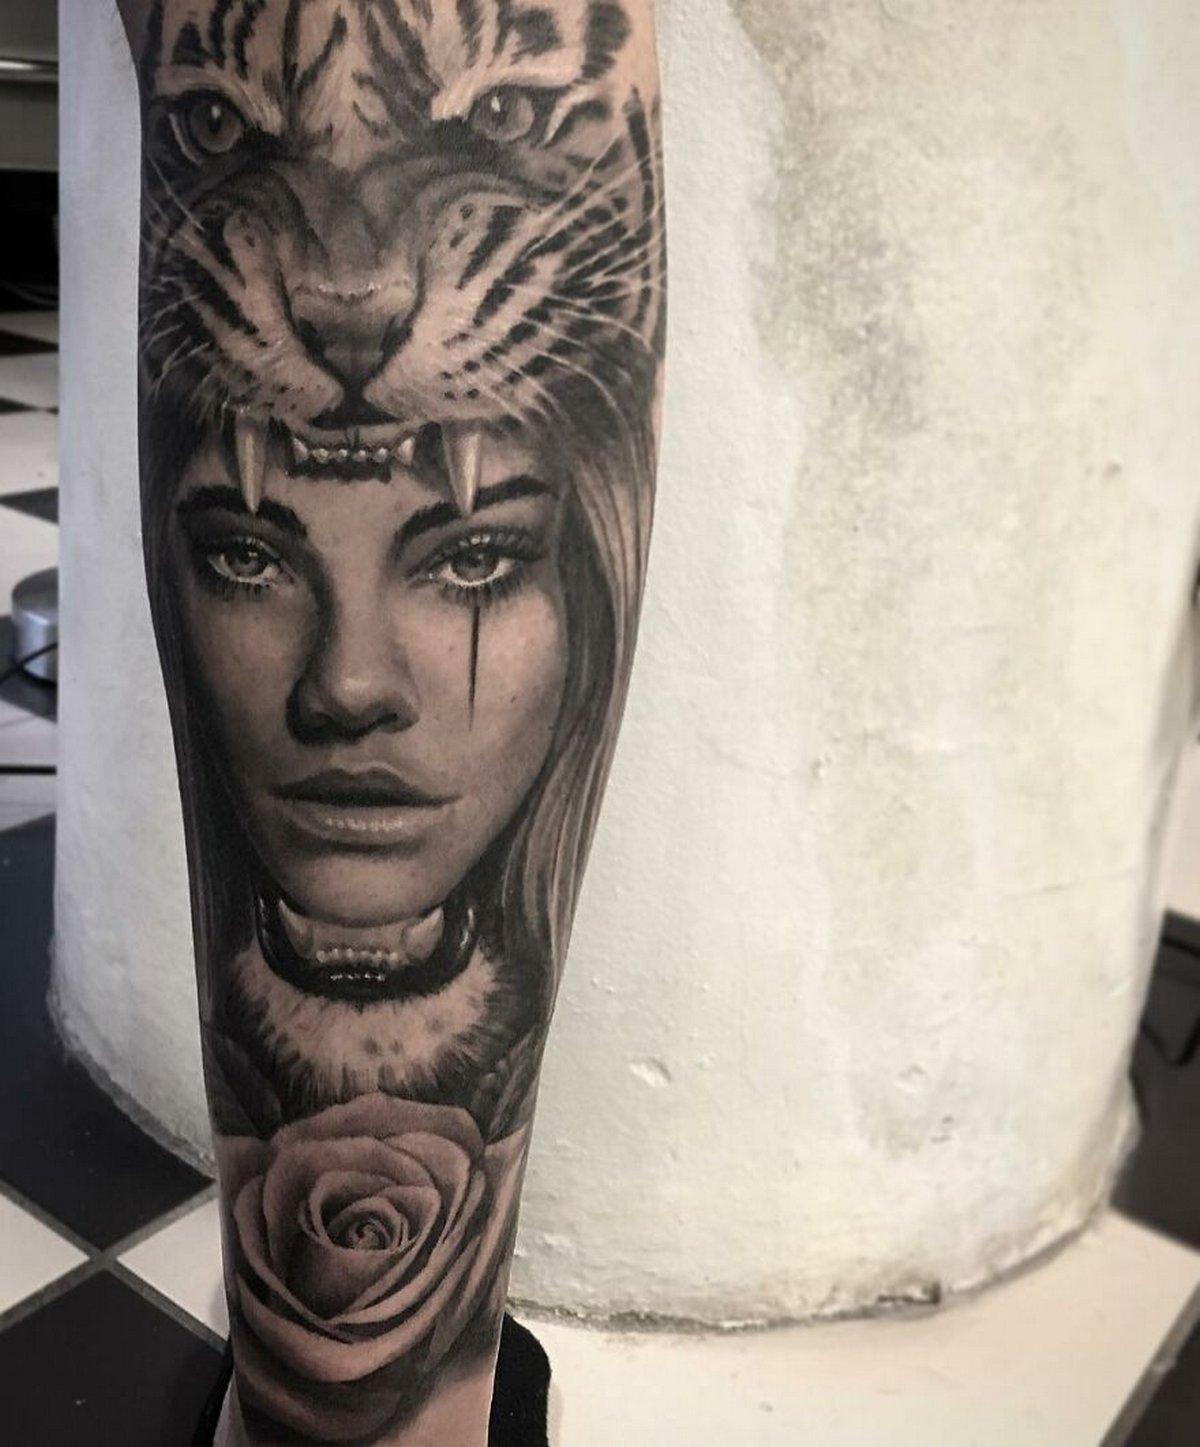 22 tatouages fascinants par un artiste suédois spécialisé dans le réalisme noir et gris ! Par Karine Larcher (Ipnoze) Tatouages-realistes-noir-gris-mrtstucklife-033